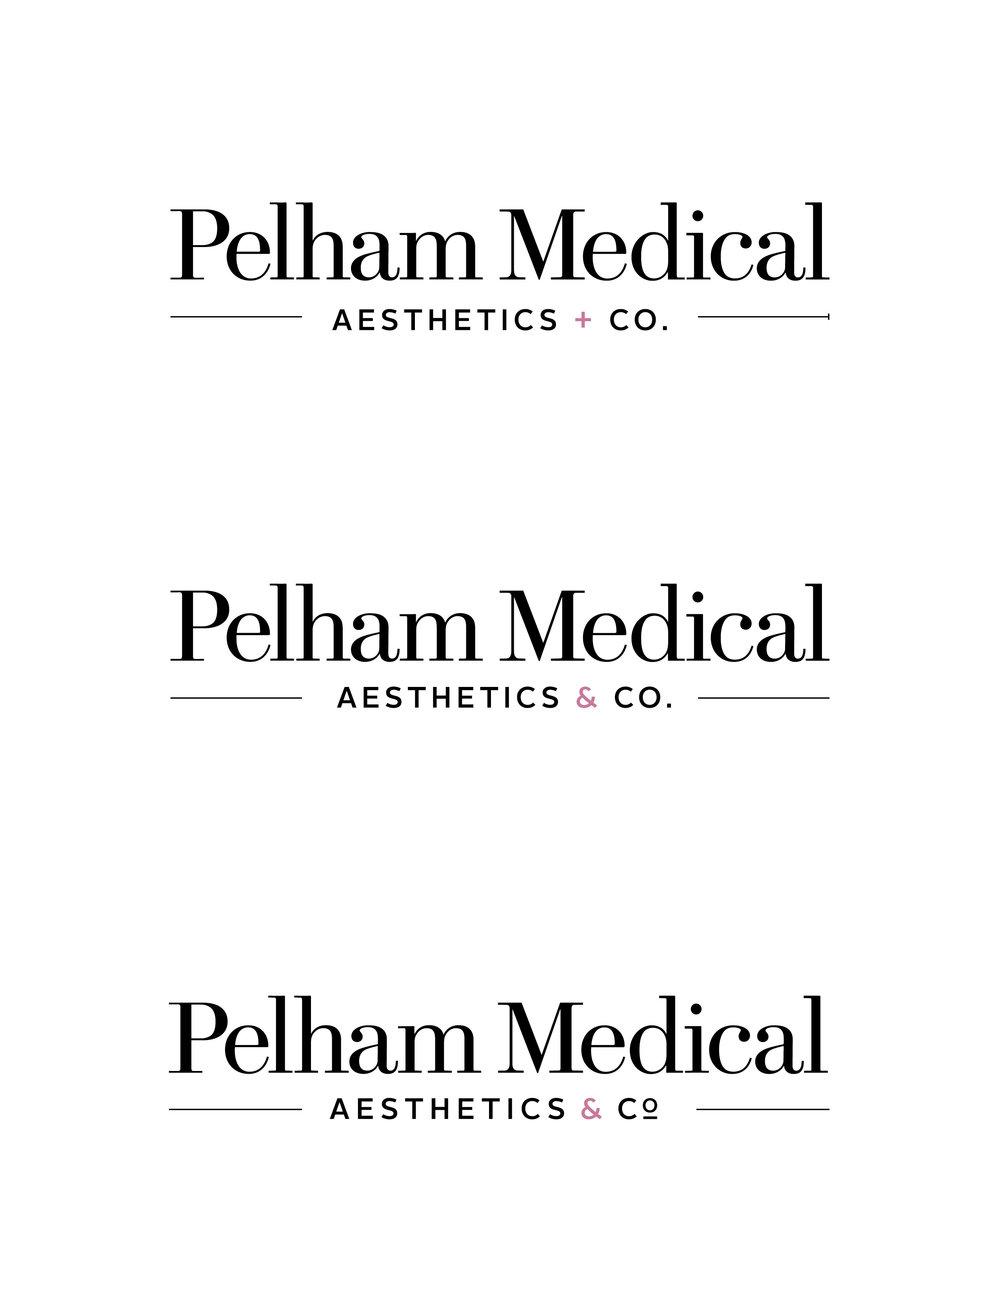 Pelham_Logo_v3_2018.jpg